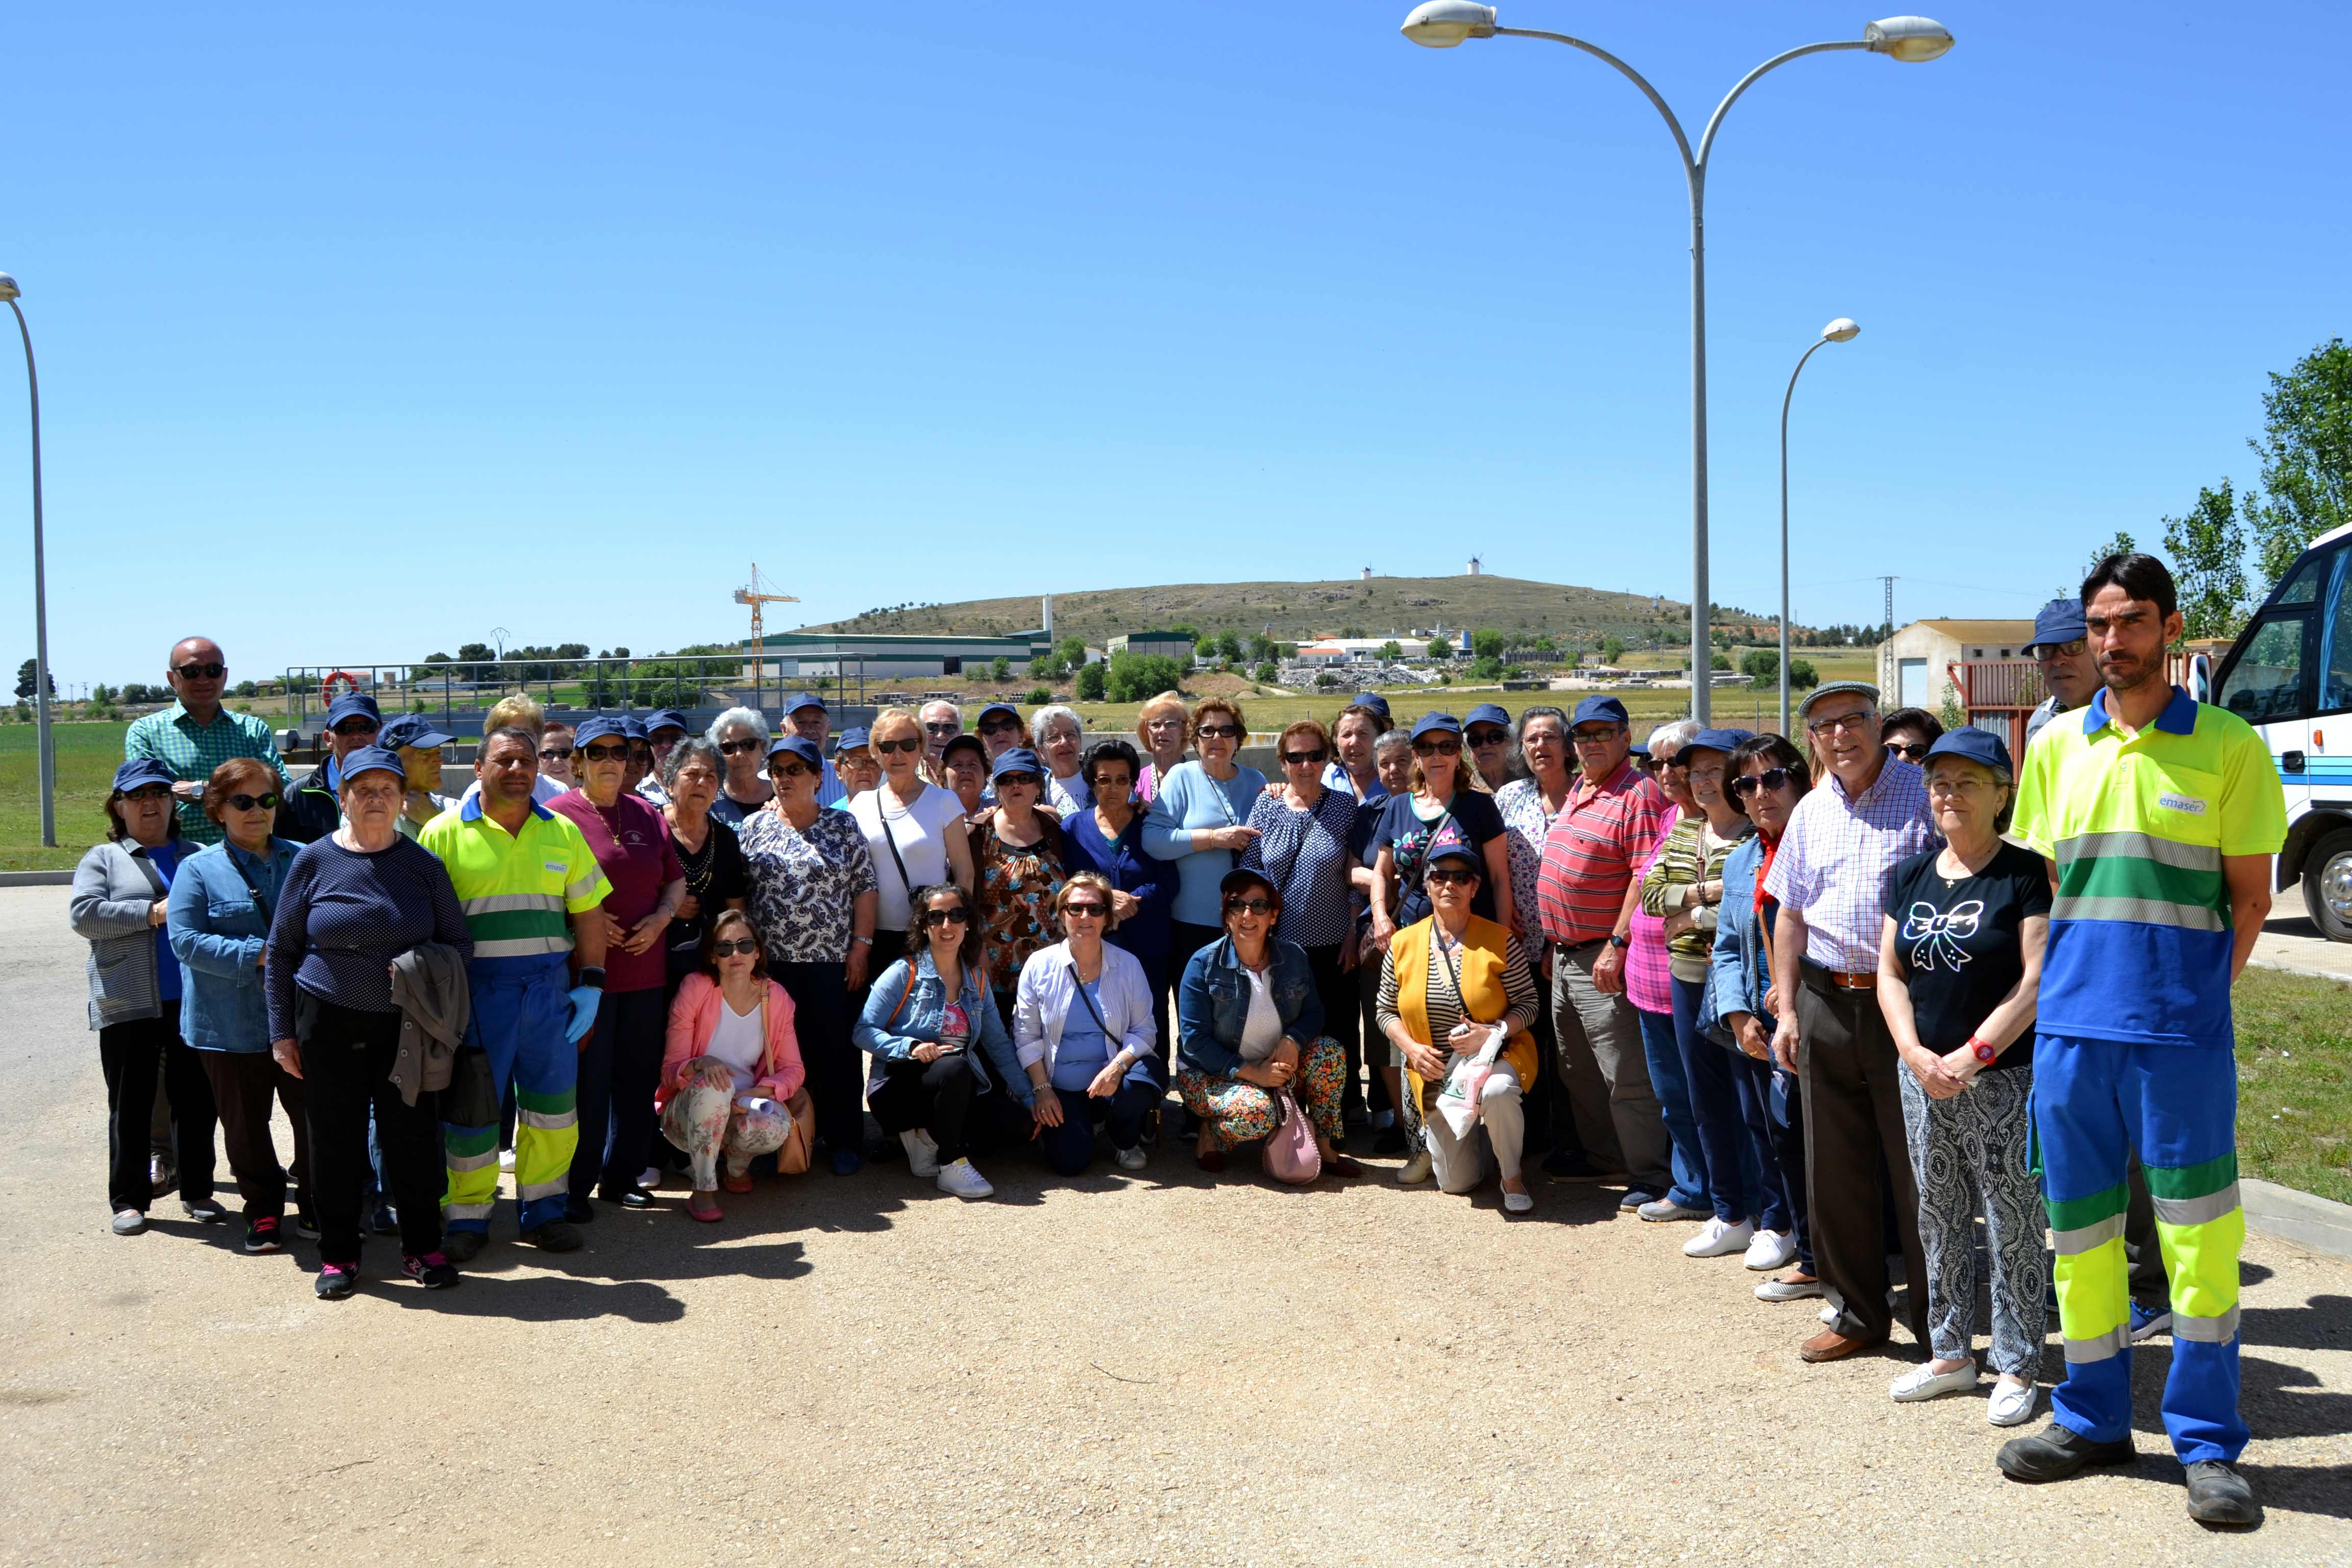 emaser herencia grupo de mayores en EDAR - Visita a instalaciones de tratamiento y depuración de ciclo integral de agua